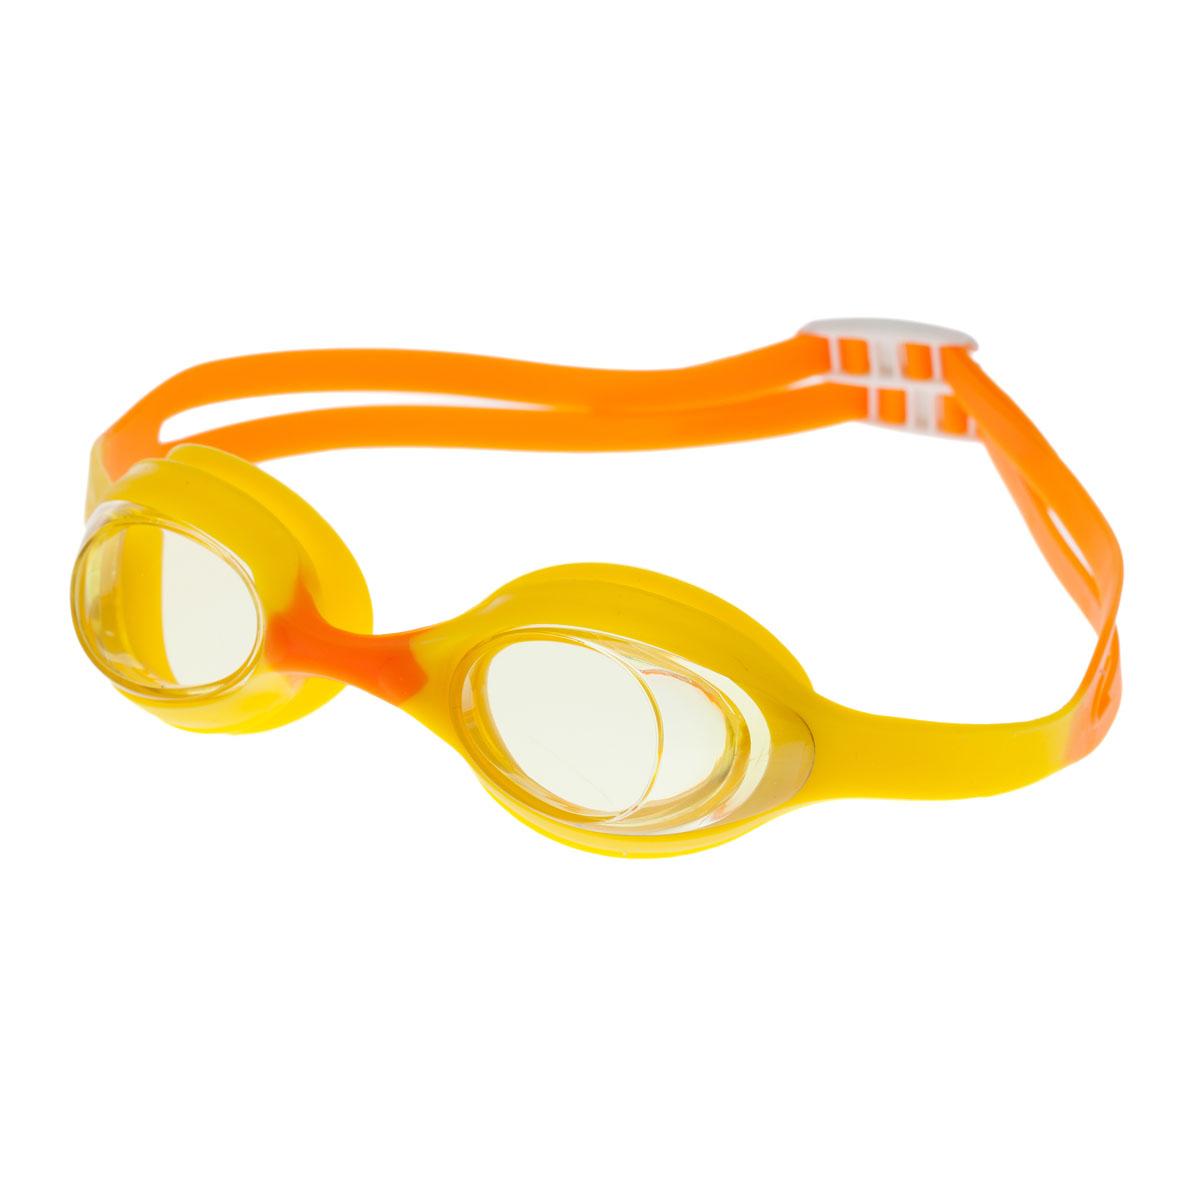 Очки для плавания Overcome, op-8 s wagner sonnenflammen op 8